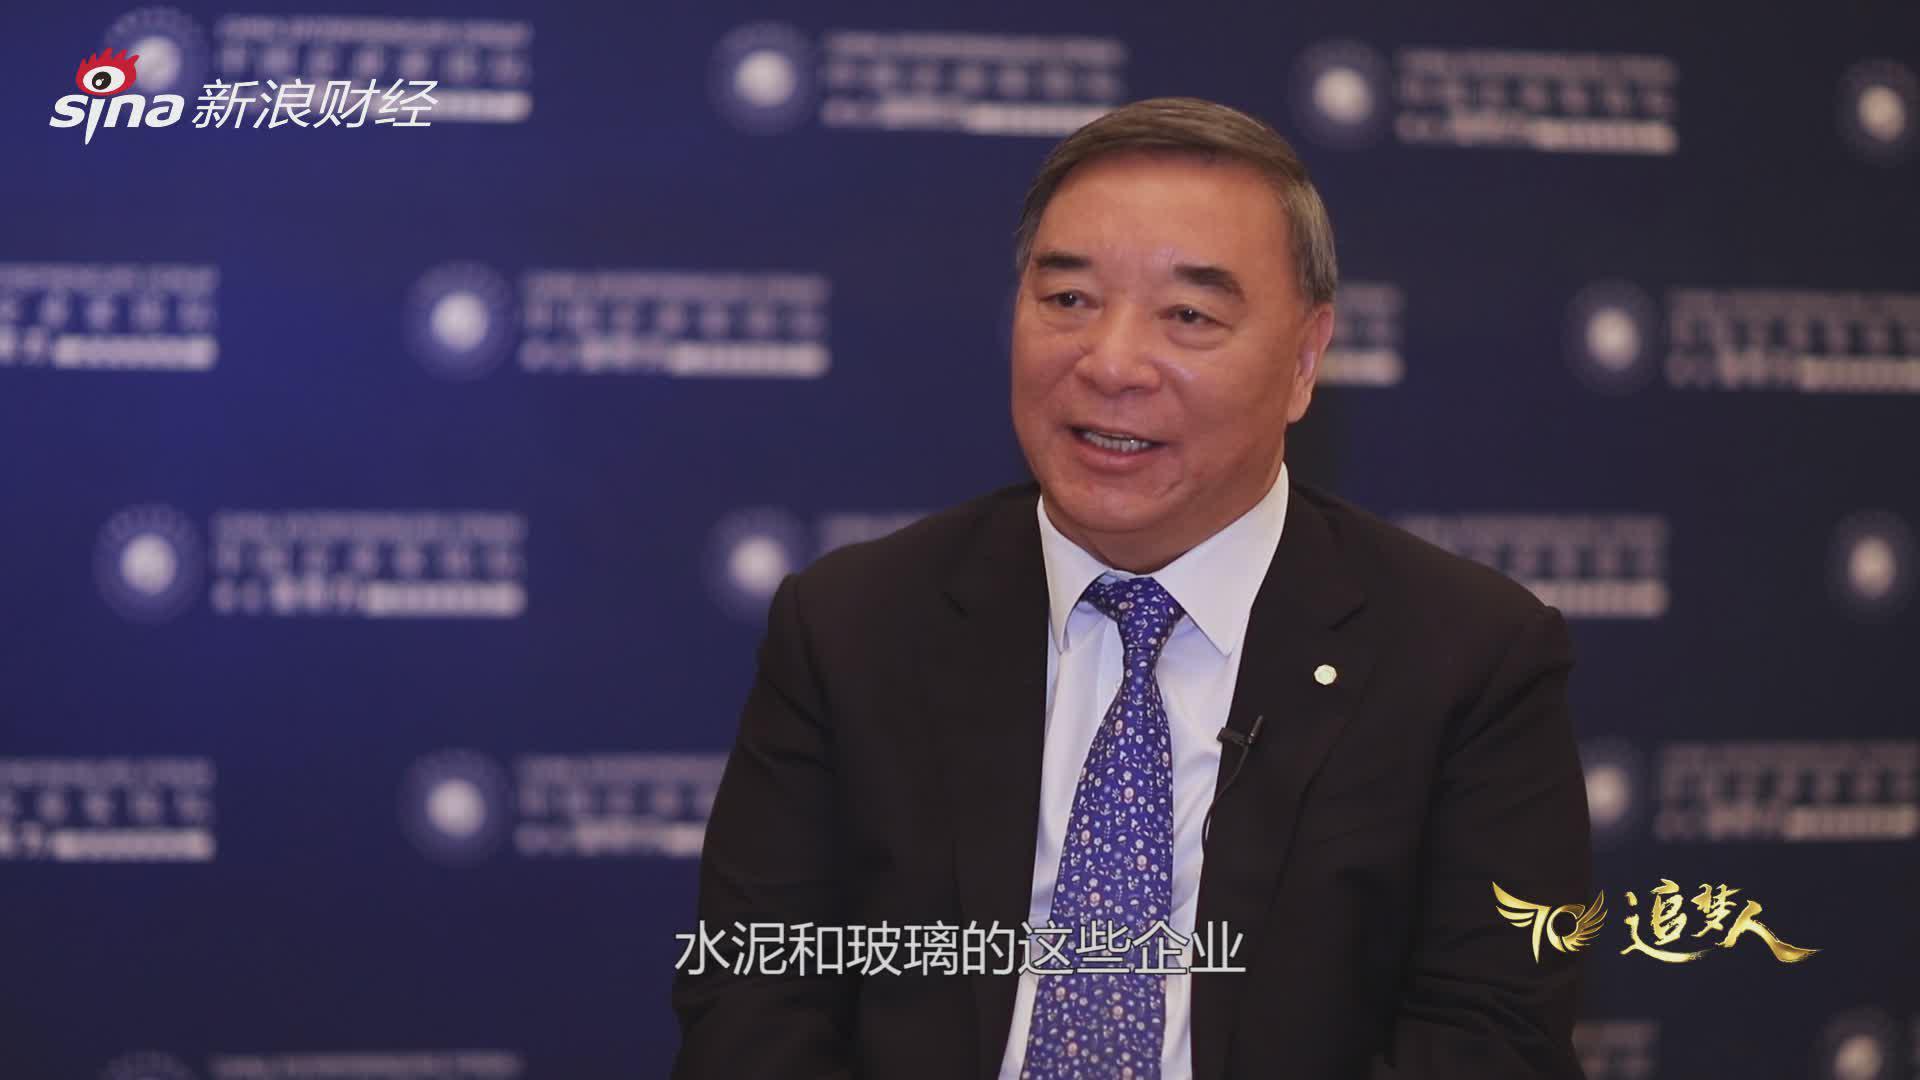 宋志平:中国建材的发展得益于混改